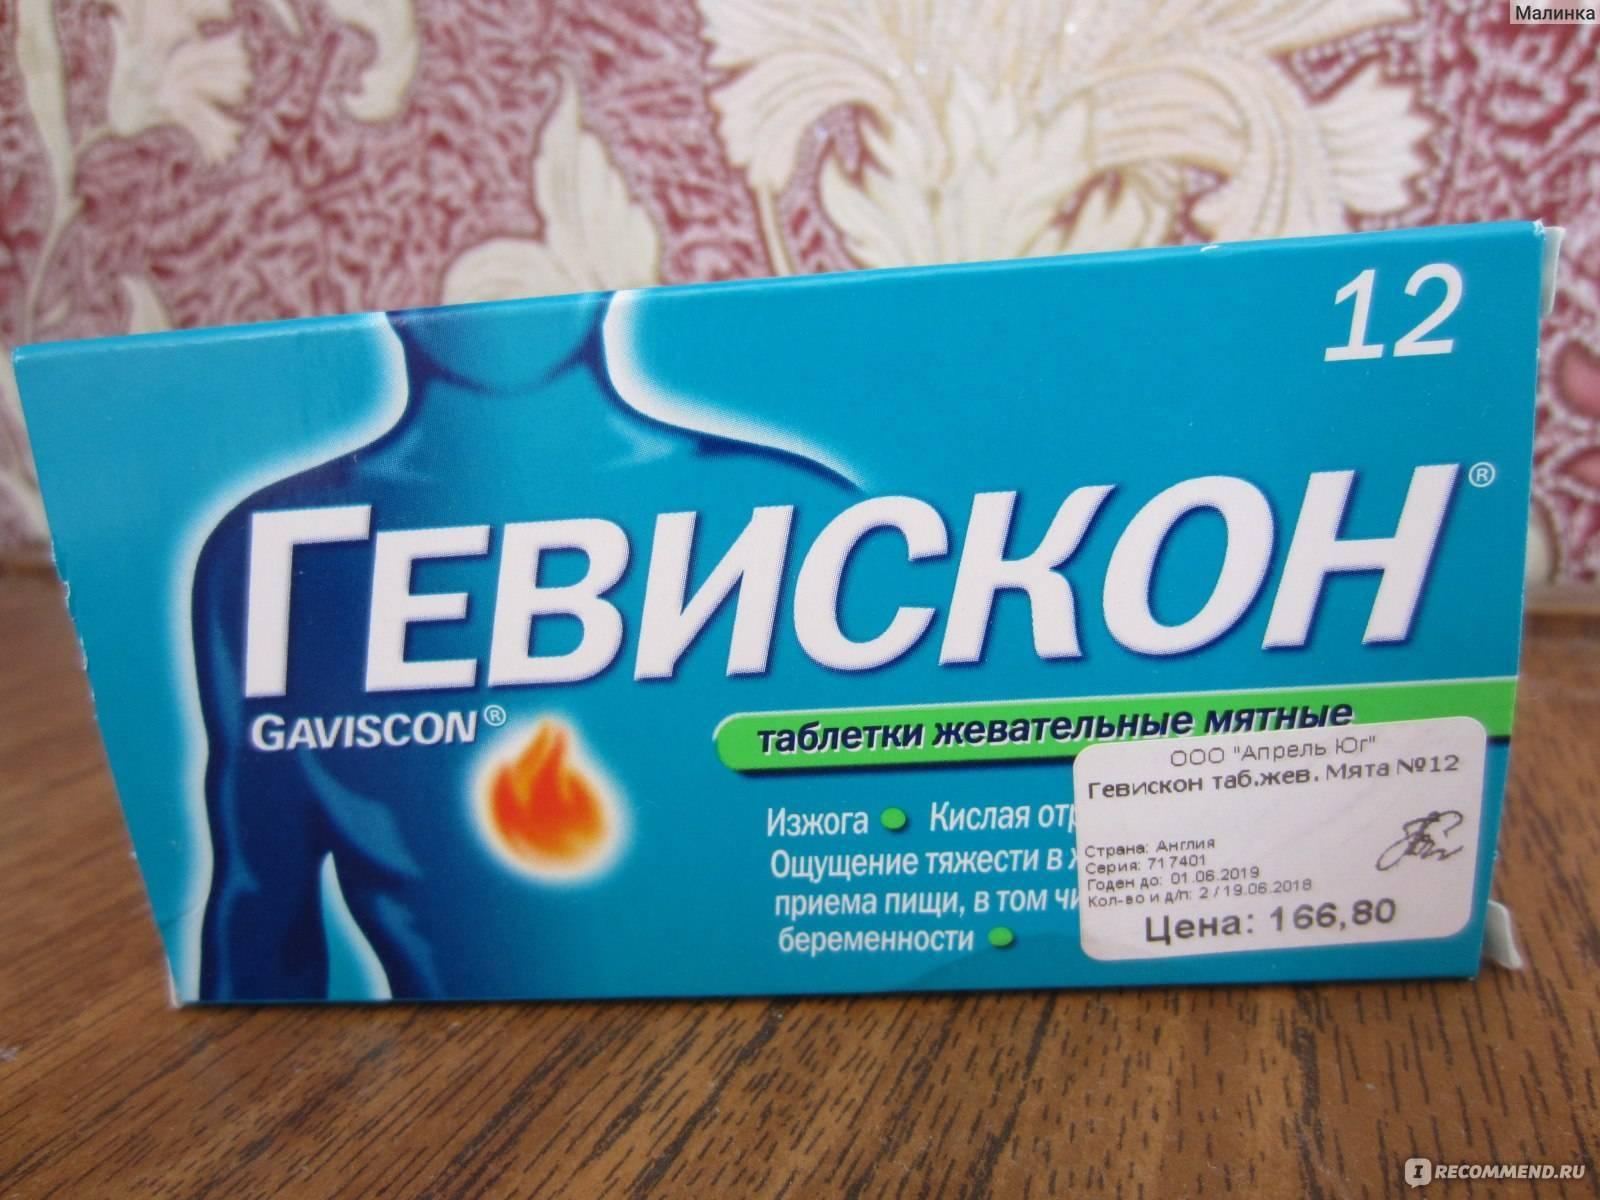 Насморк, изжога, запор и аллергия, а я беременна! какие лекарства можно принимать в этот период?